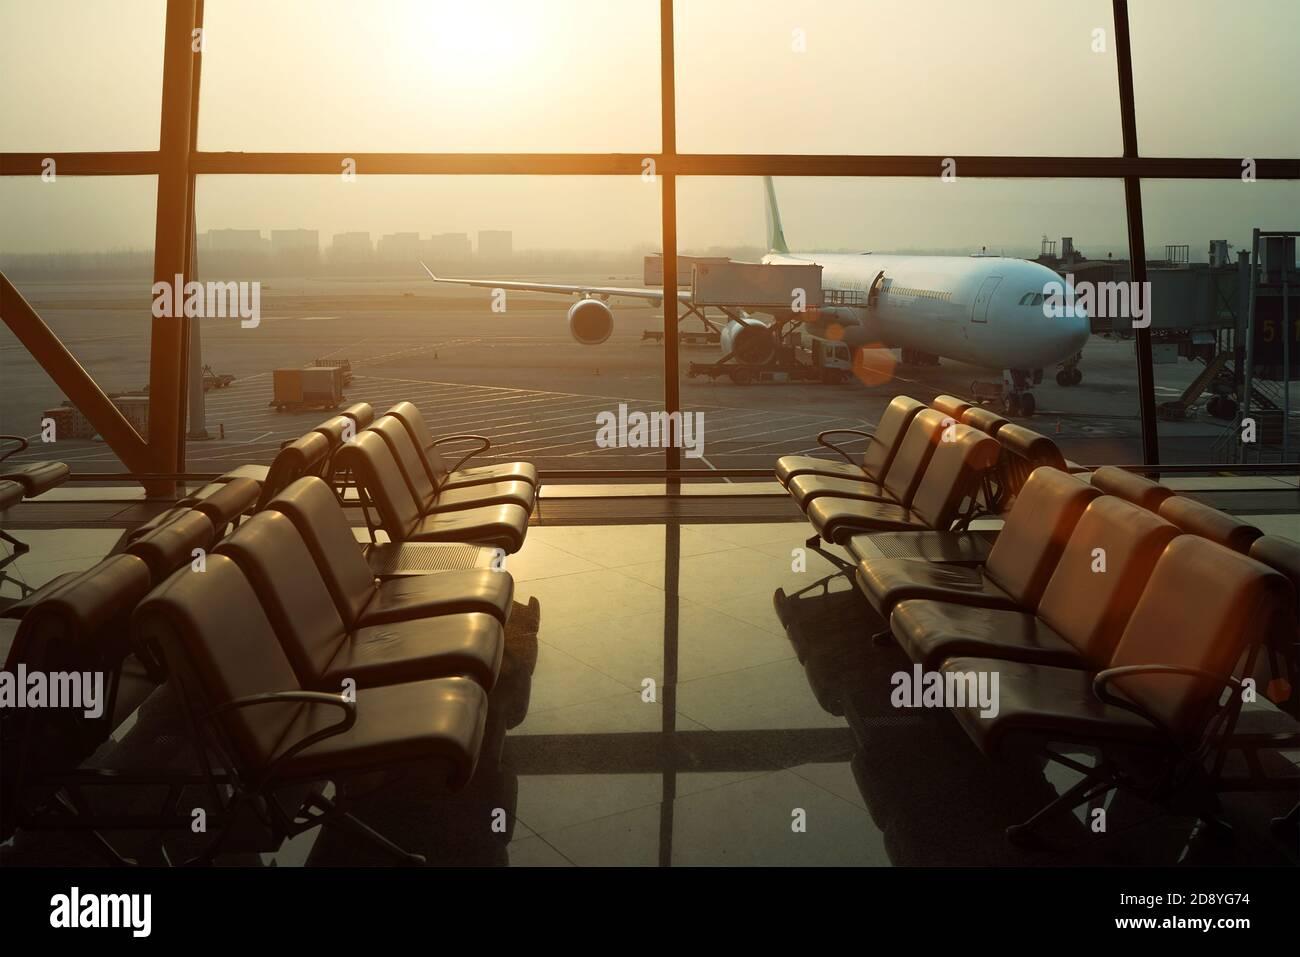 Preparación de vuelos de aviones - abastecimiento de combustible, catering, servicios de equipaje antes del despegue del avión. Zona de espera con sillas en la terminal del aeropuerto internacional Foto de stock